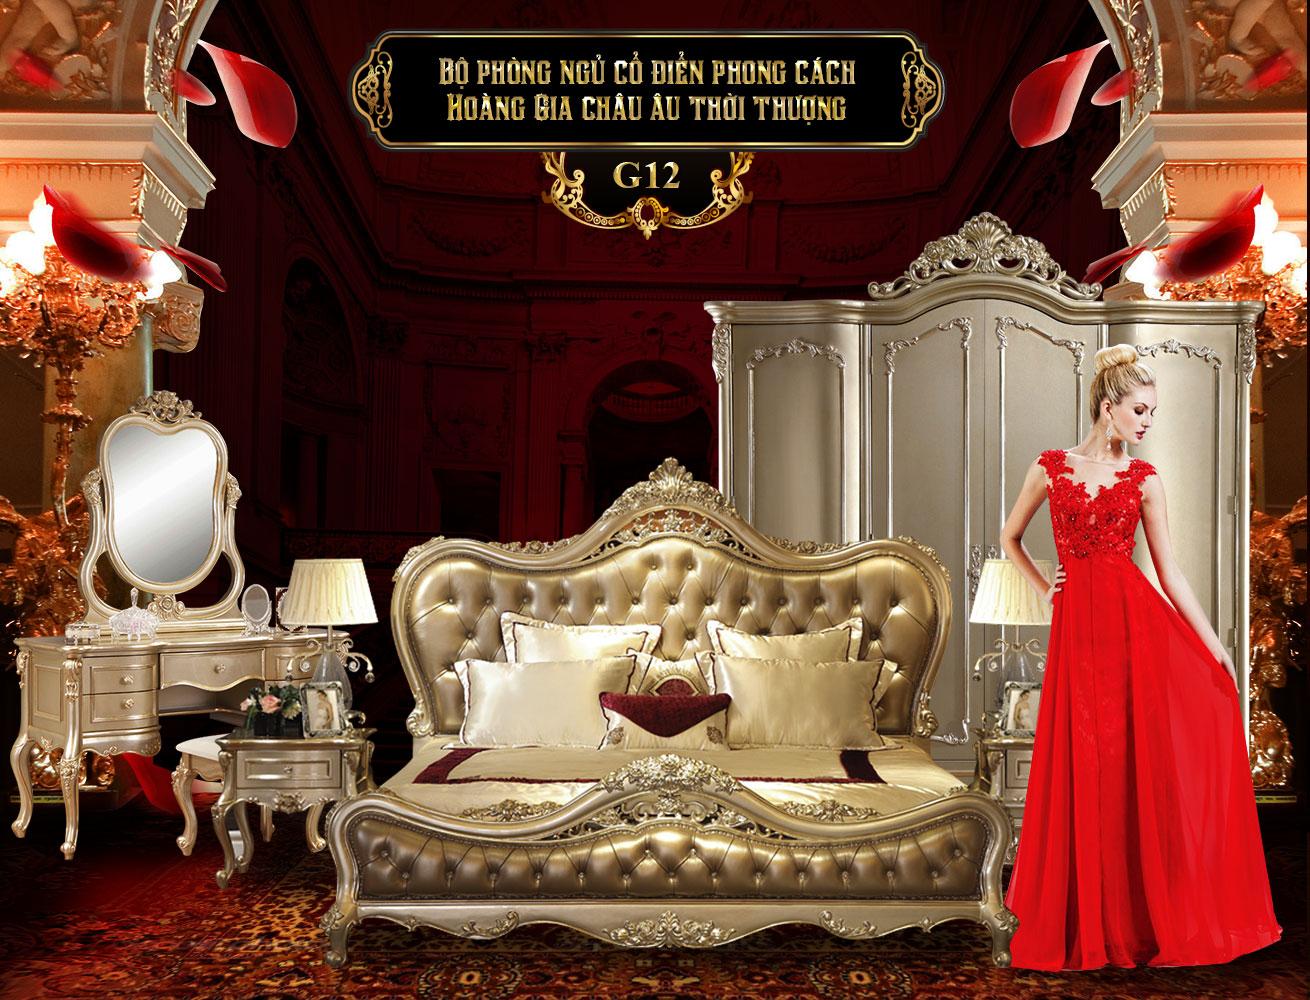 Giường ngủ cổ điển phong cách Châu Âu G12-1 | Giường gỗ đẹp | Giường gỗ sồi tại Hà Nội